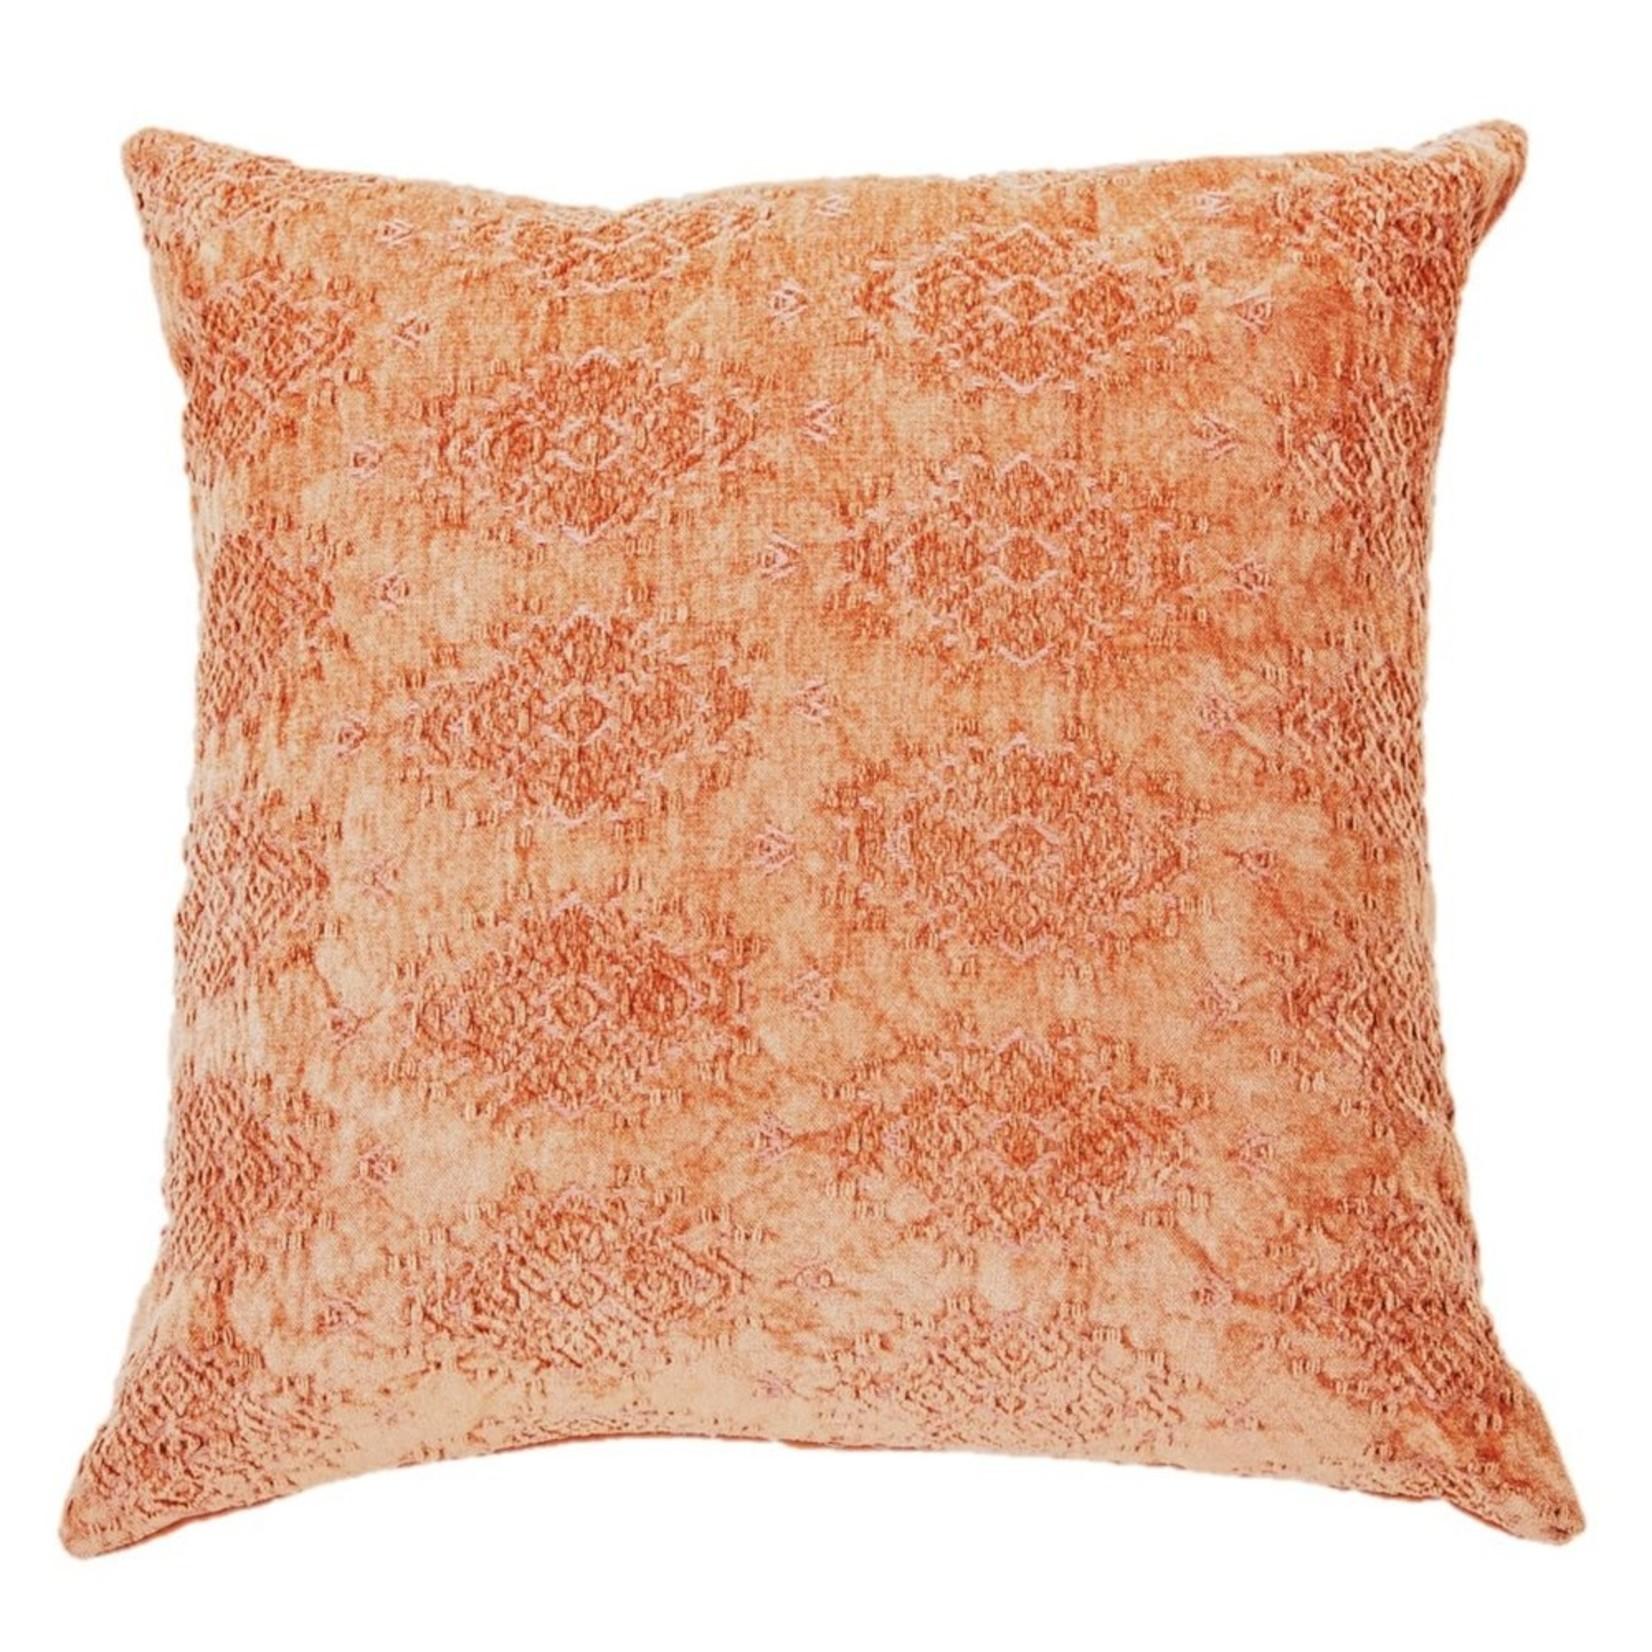 Brunelli Toro European Cushion